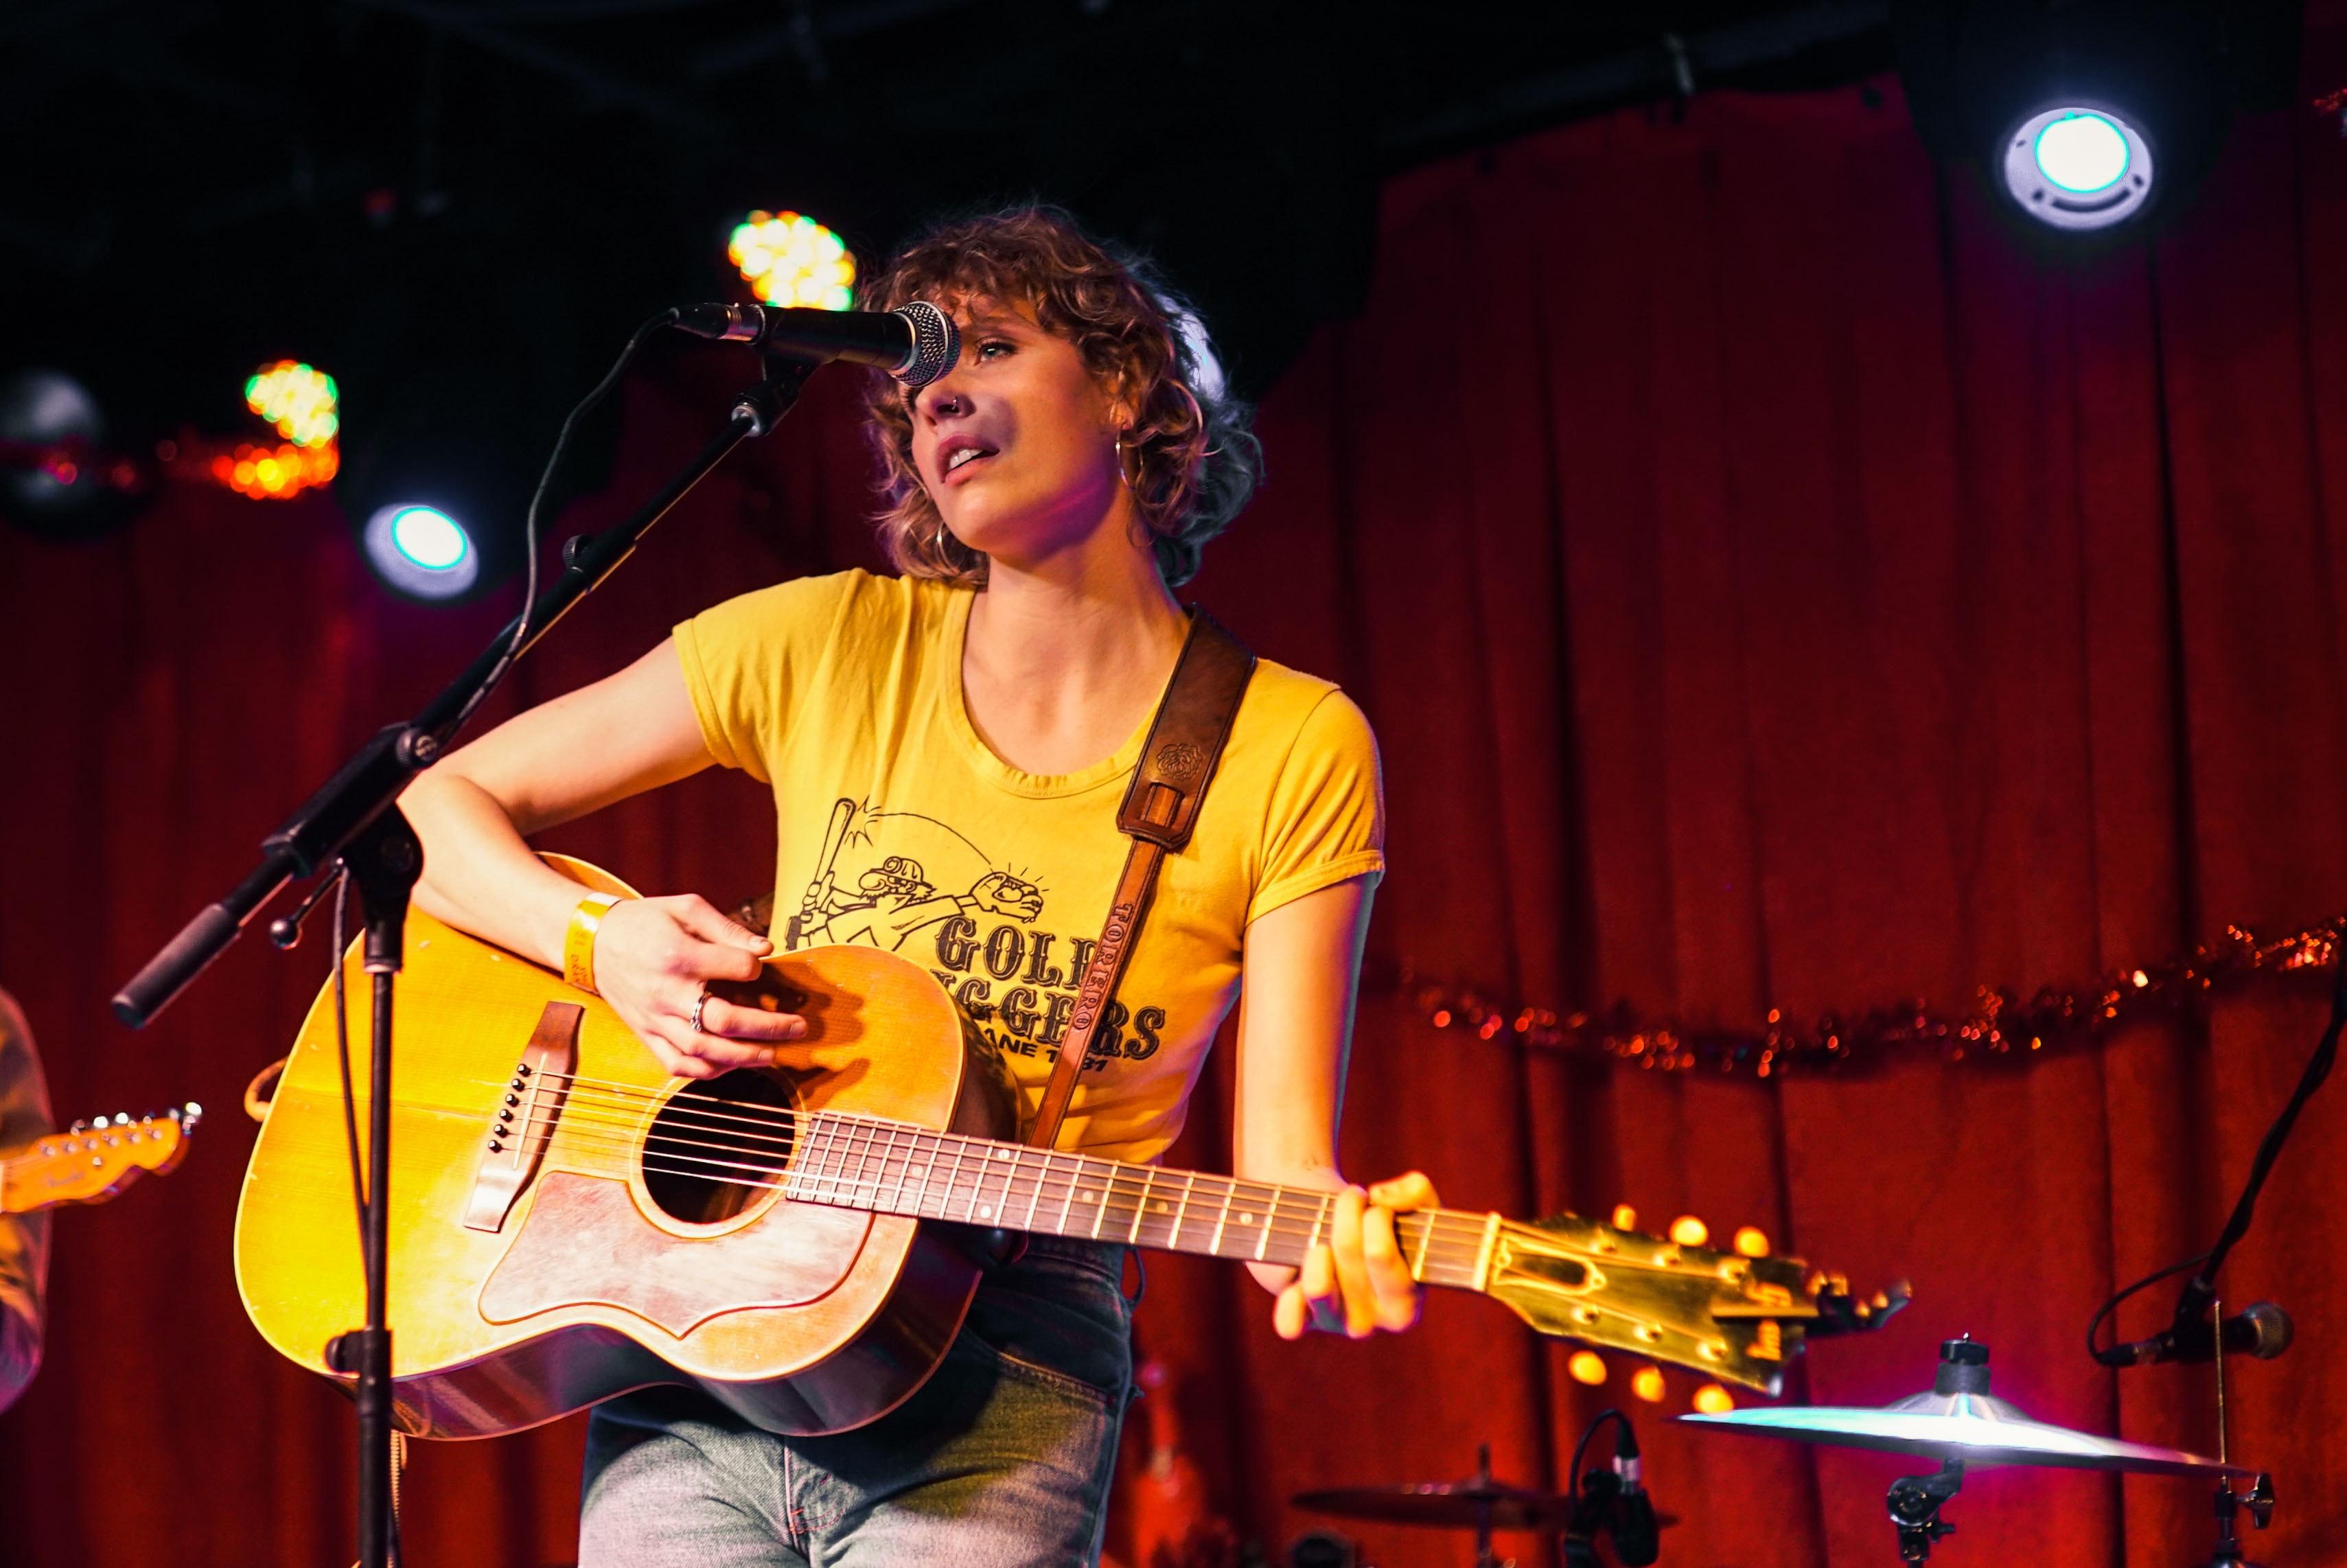 Rockguitarist og sangerinde på scenen